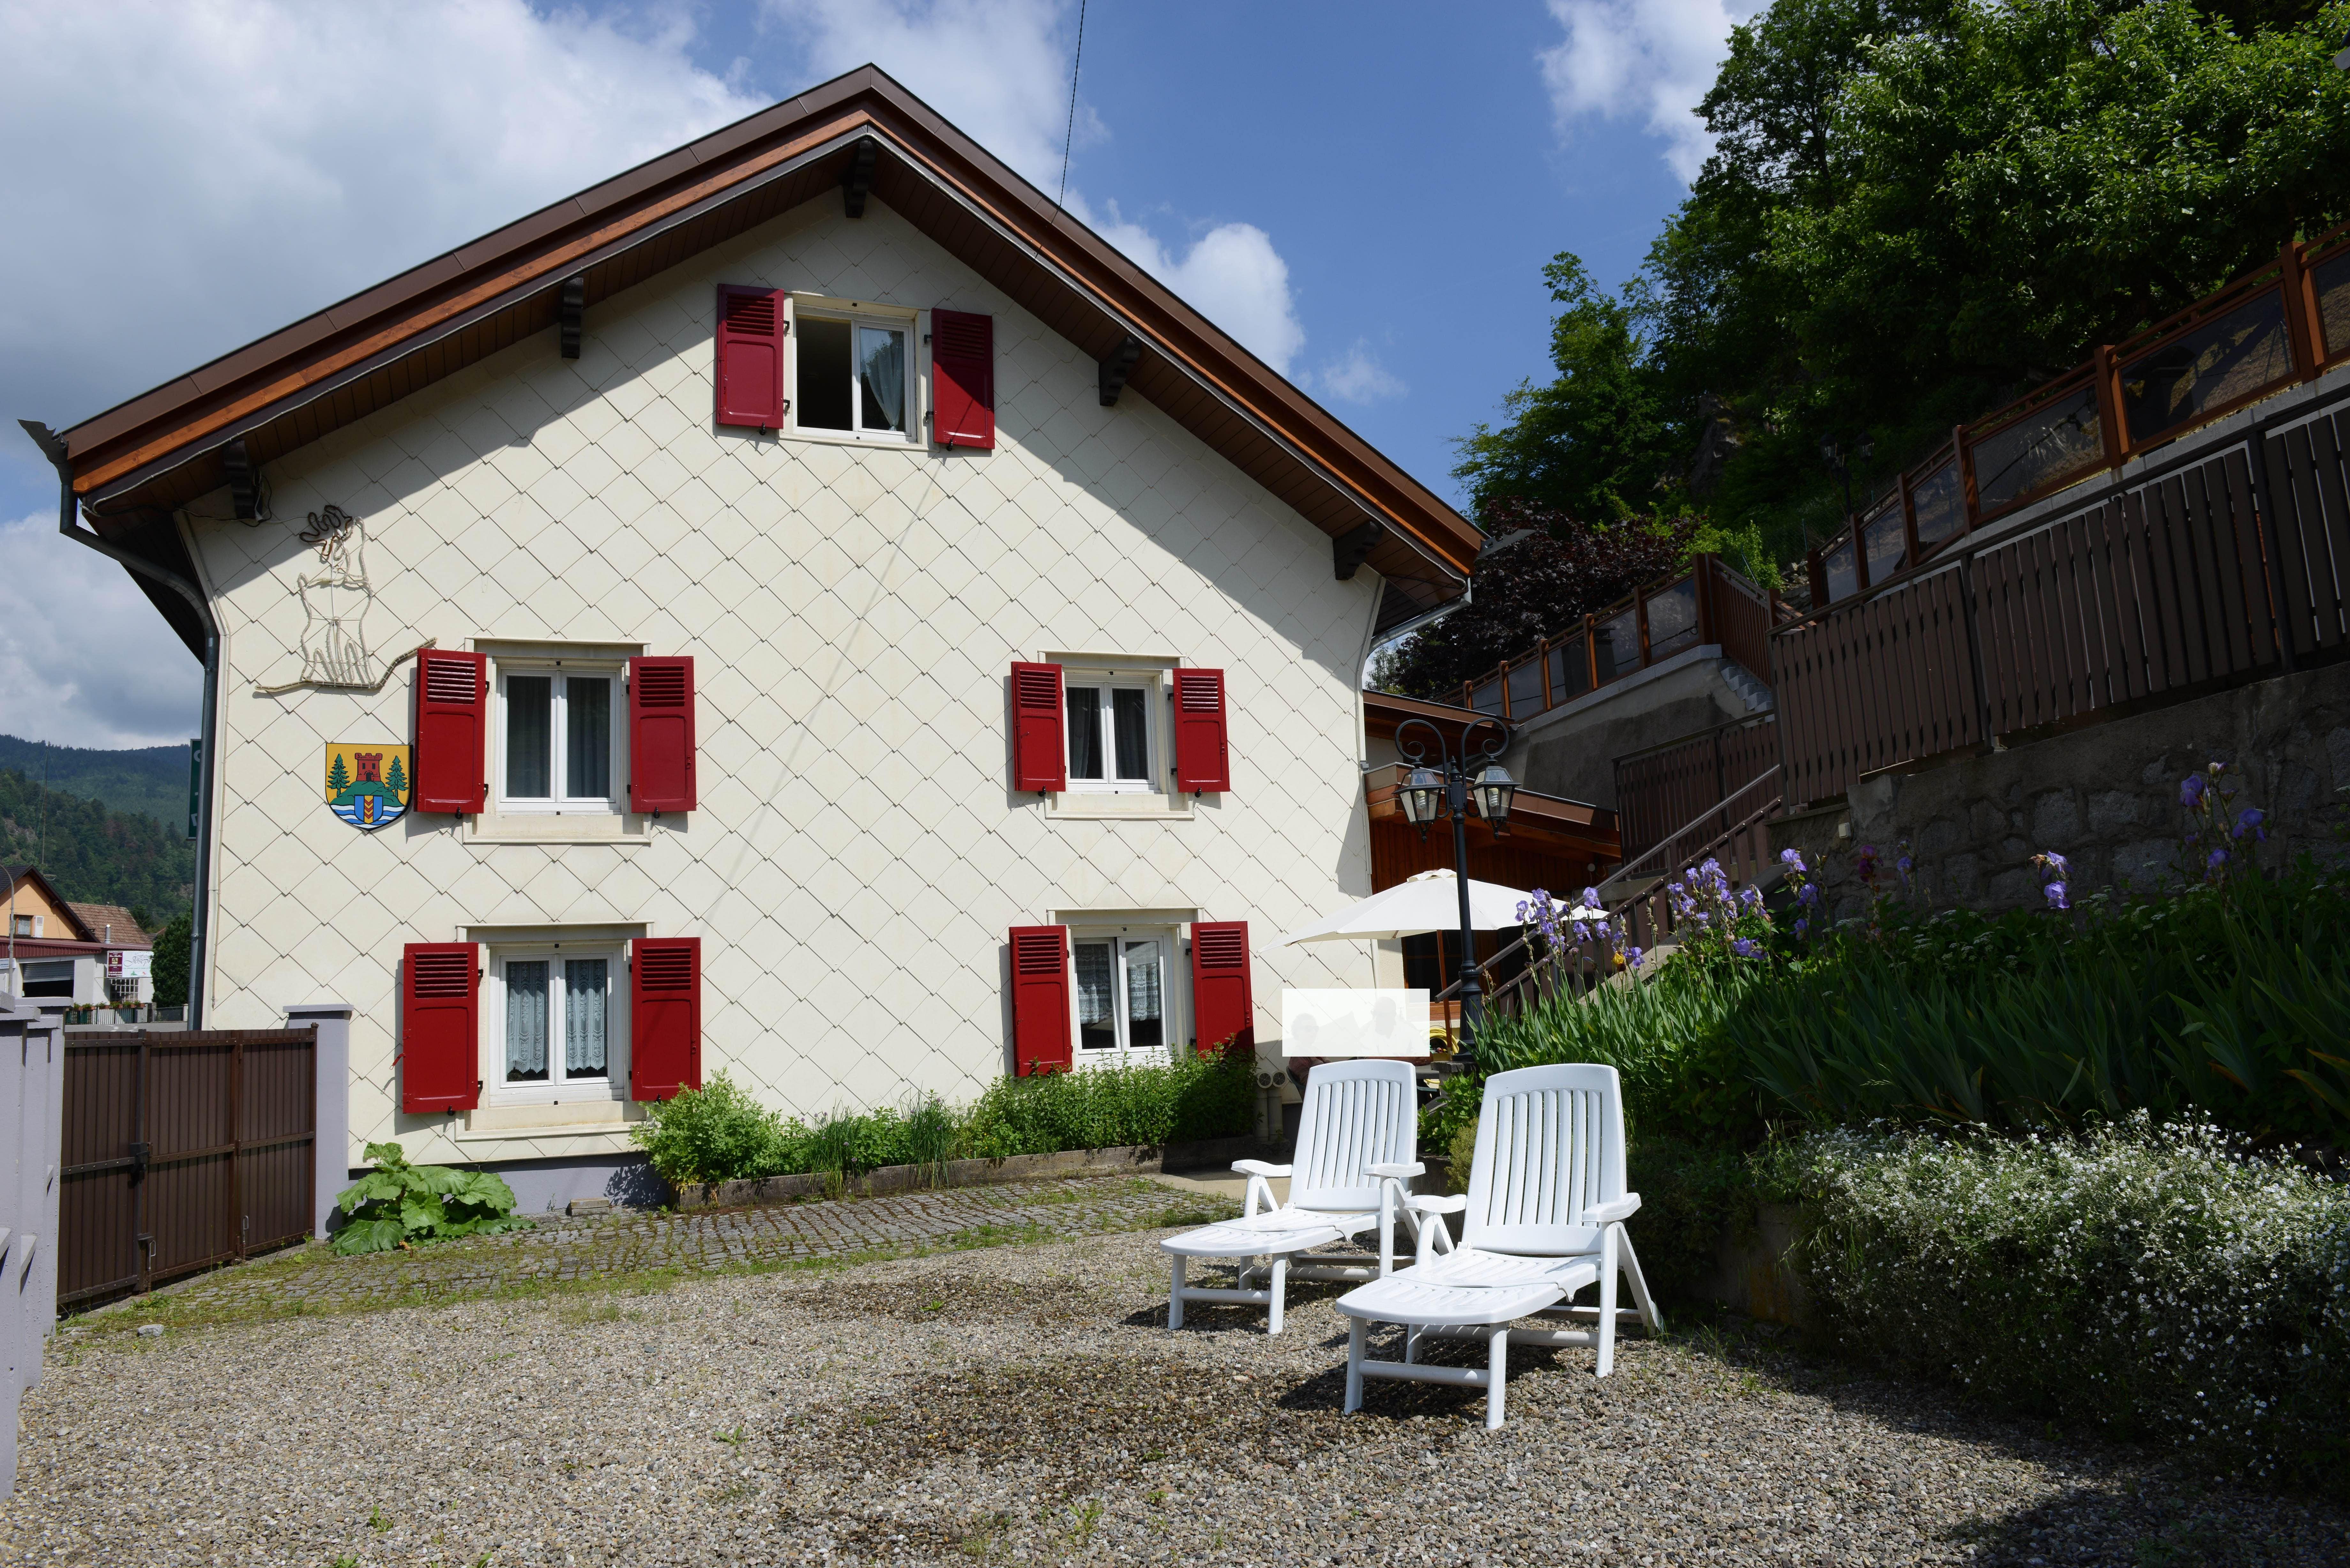 Vente Gîte, Chambres d'hôtes, 260 m2 à Kruth dans une zone touristique (68820)